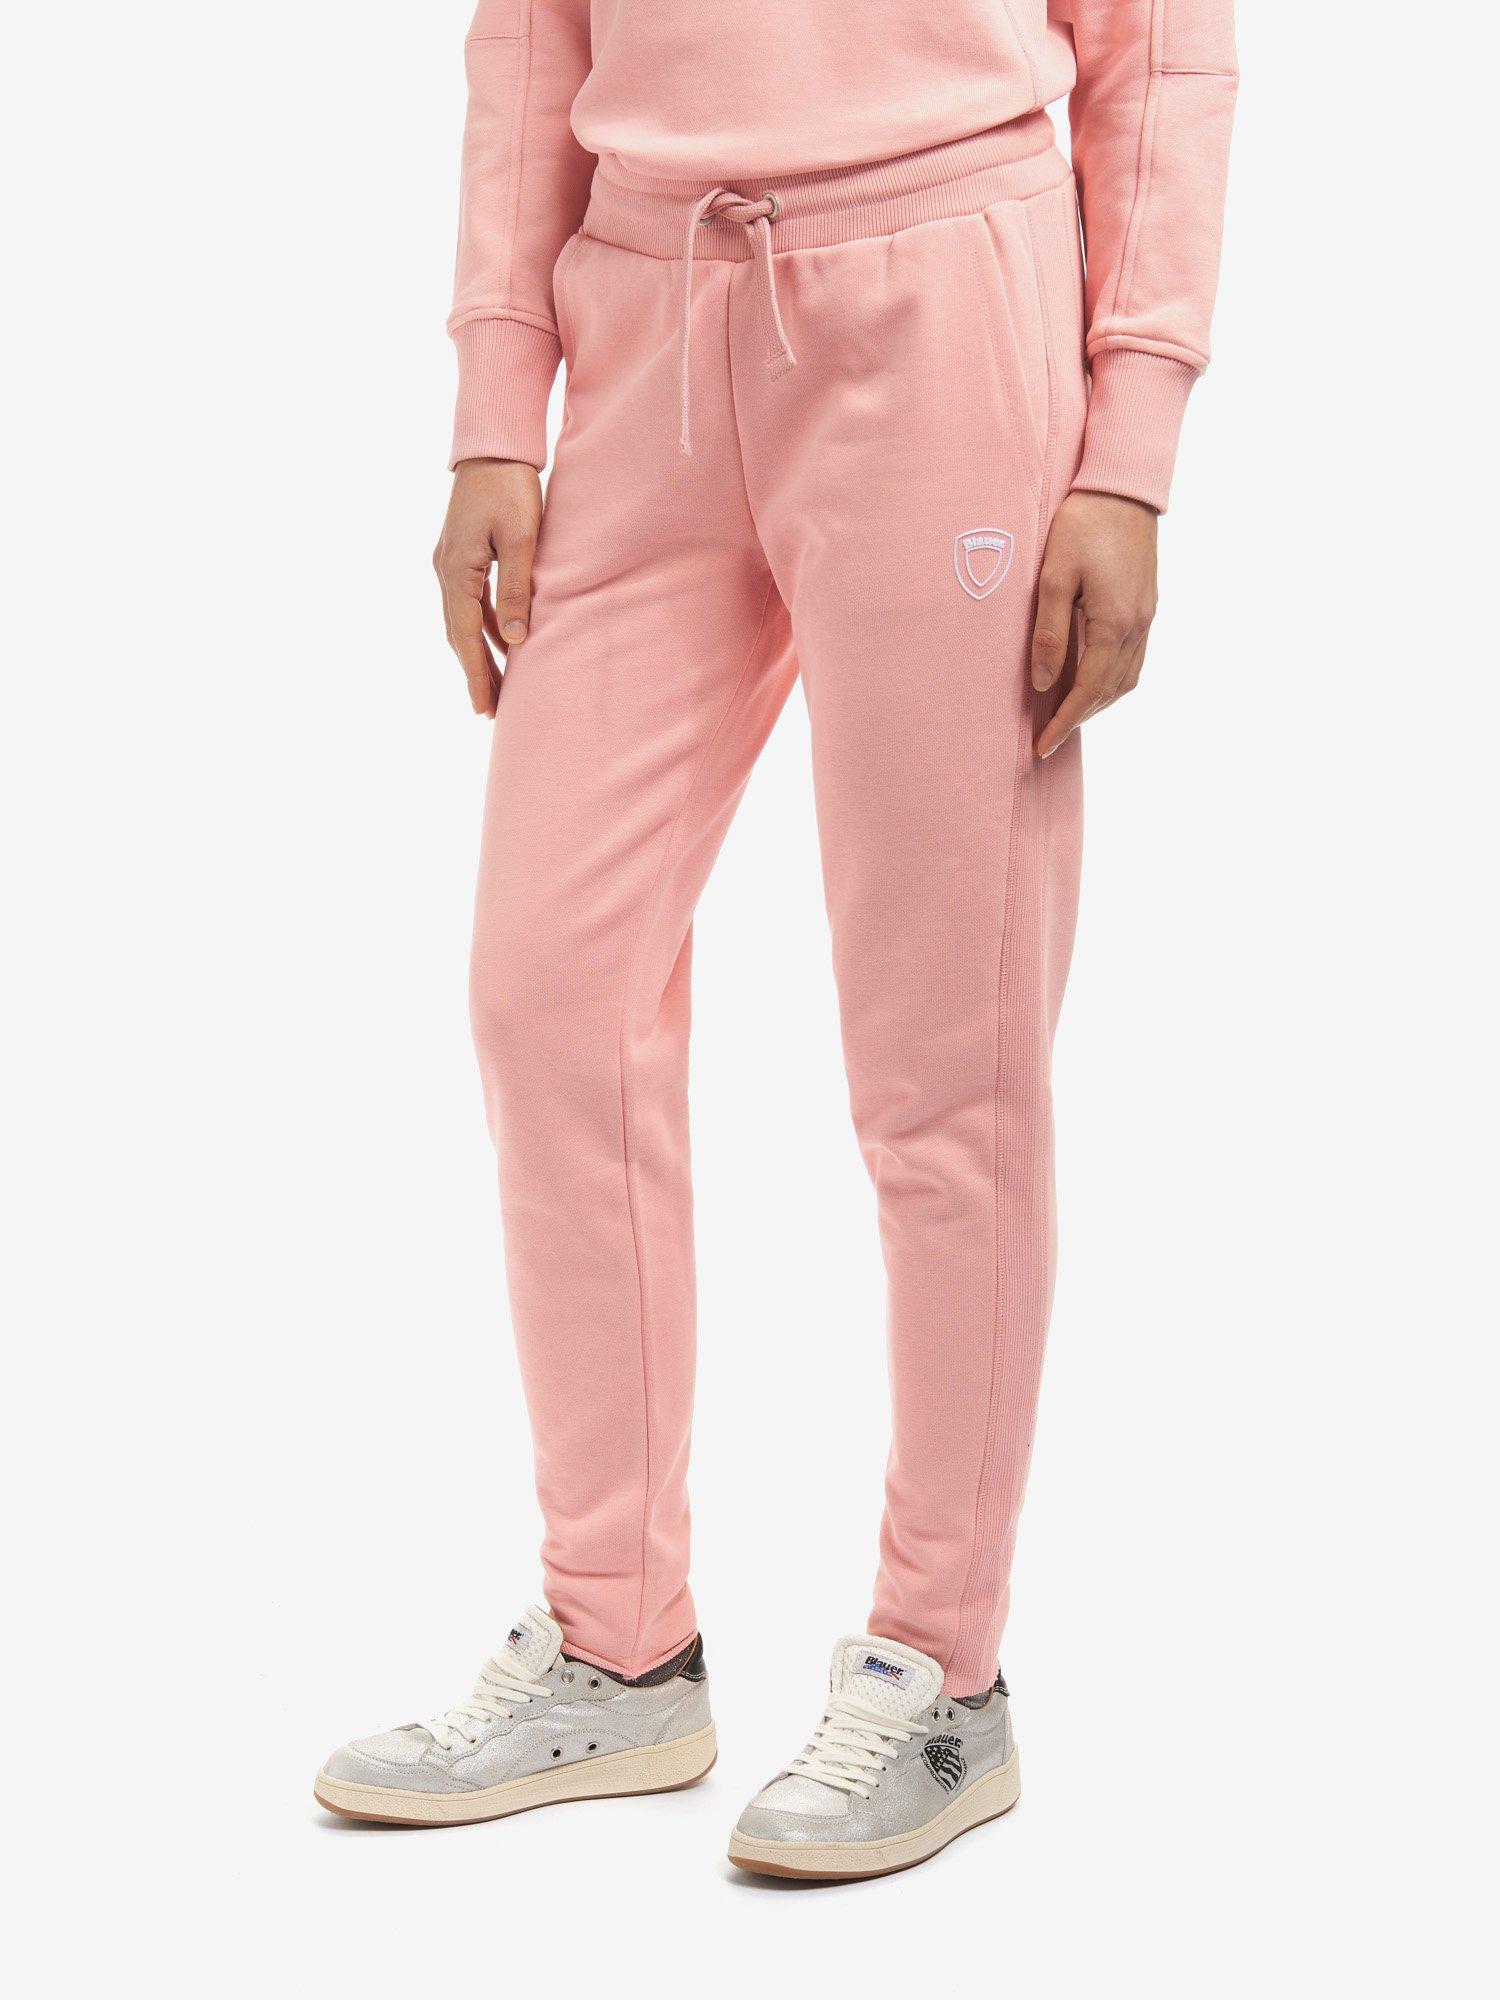 Blauer - LANGE SWEATSHIRT-HOSE - Soft Pink - Blauer